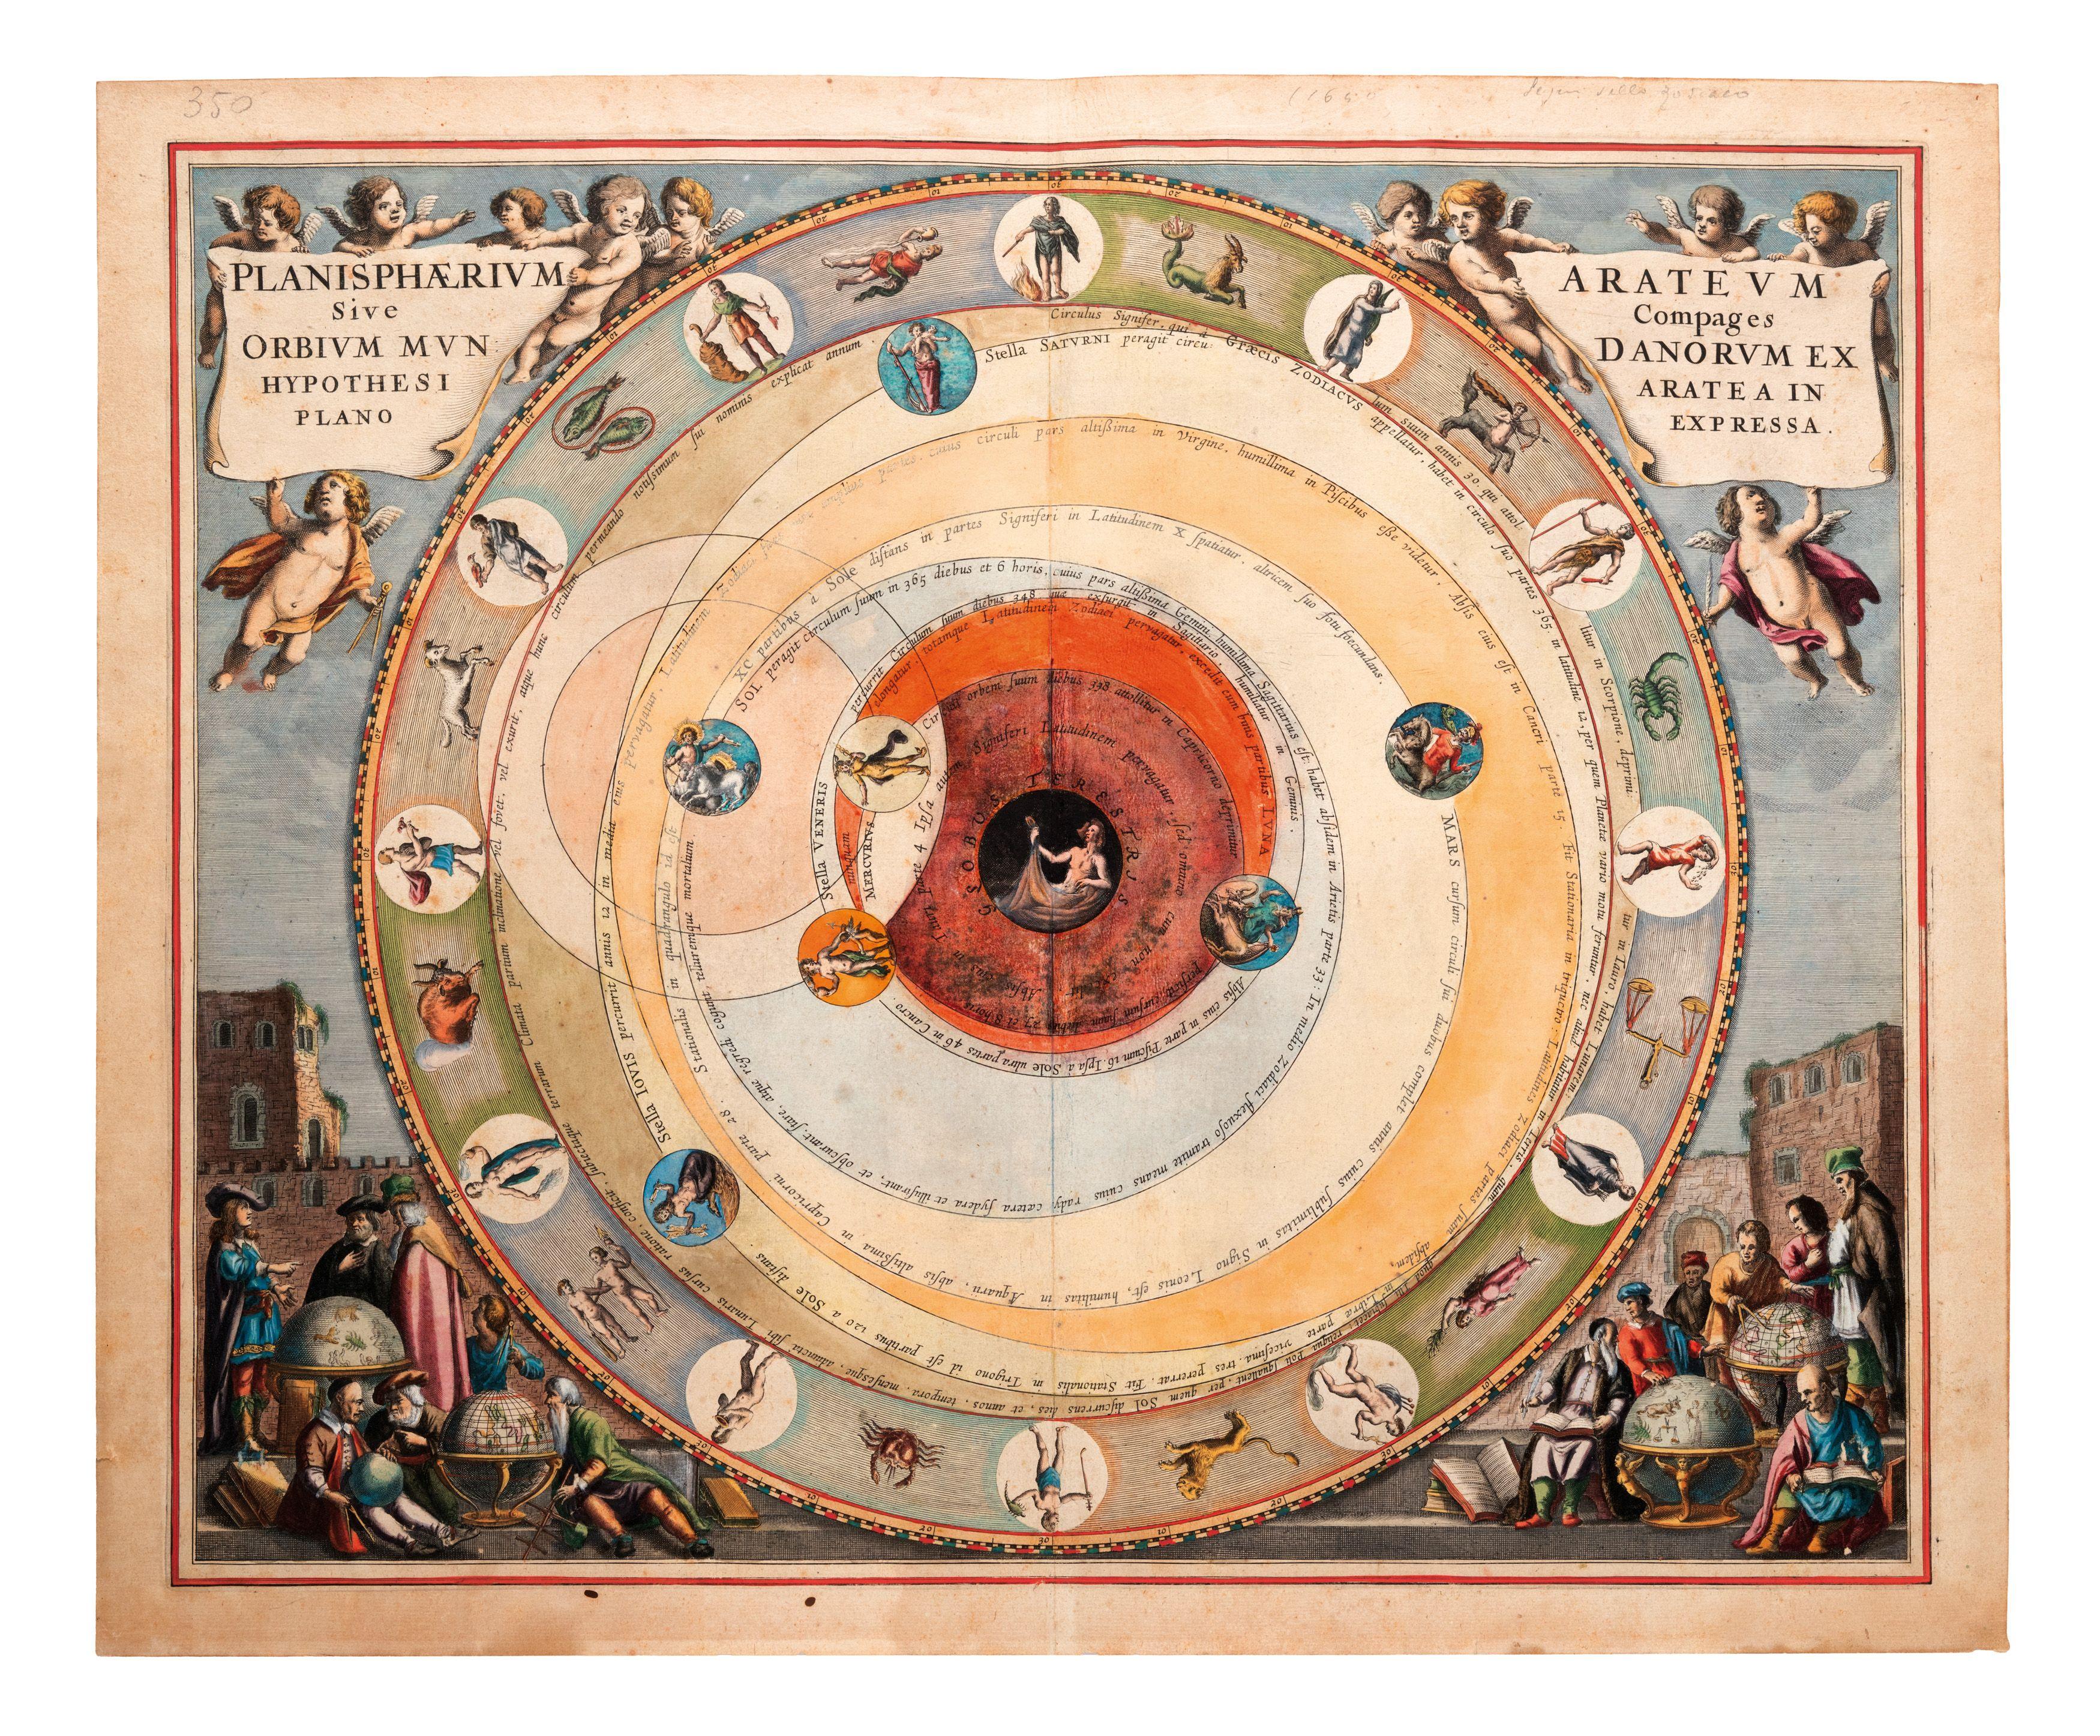 PLANISPHAERIUM ARTEUM BY ANDREA CELLARIO, 1660;  Planisphaerium Arteum. Incisione acquarellata tratta da 'Atlas Coelestis', recante al centro allegorie del globo terrestre e nella parte esterna i dodici segni zodiacali, negli angoli simboli dell'astrologia, astronomia e geografia, nel retro etichetta cartacea, con specificata l'edizione del 1660;.jpg (3500×2894)